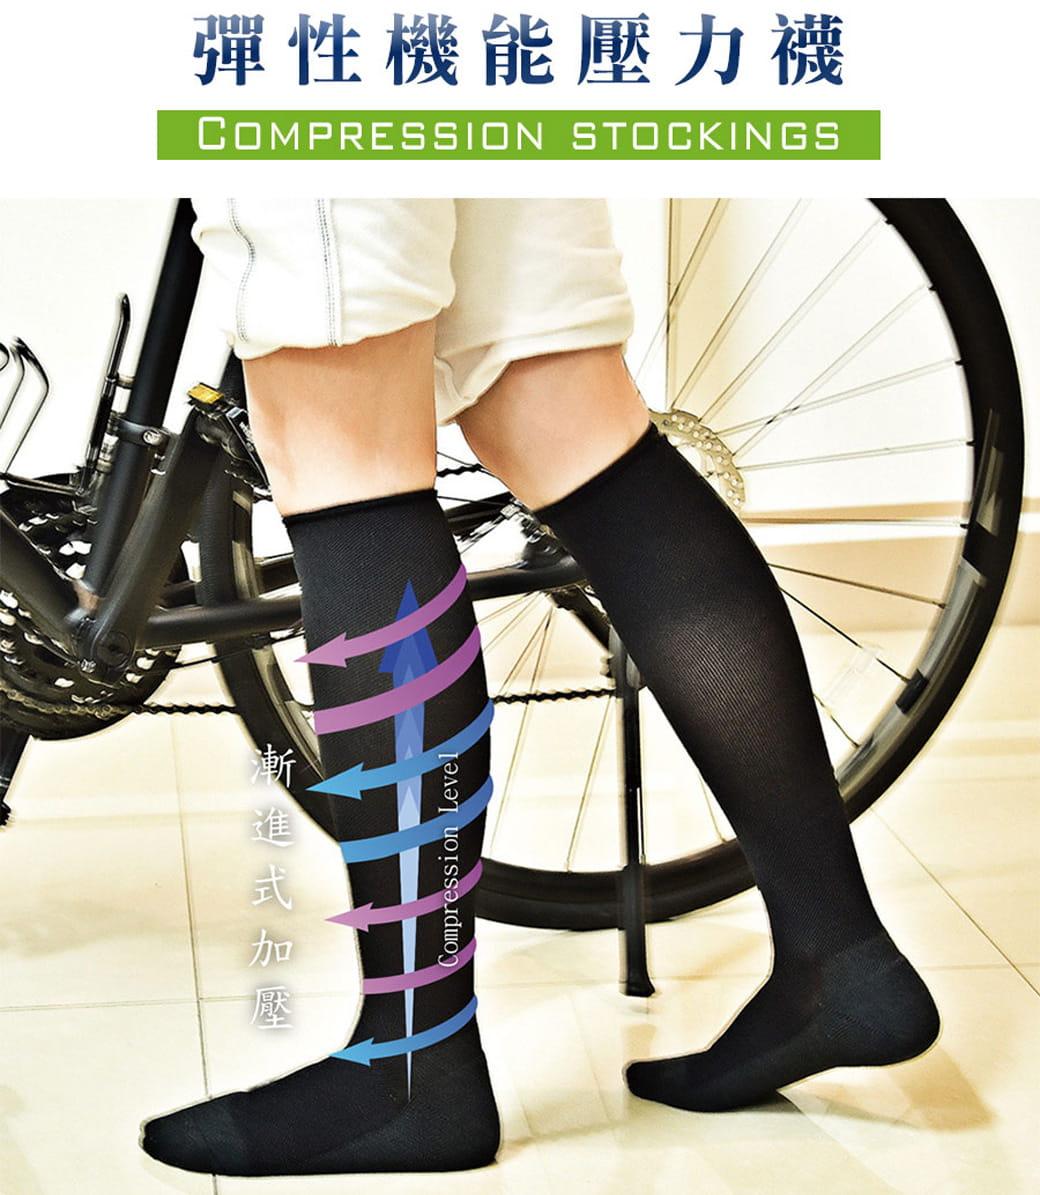 【力美特機能襪】彈力機能壓力襪(厚底款) 2